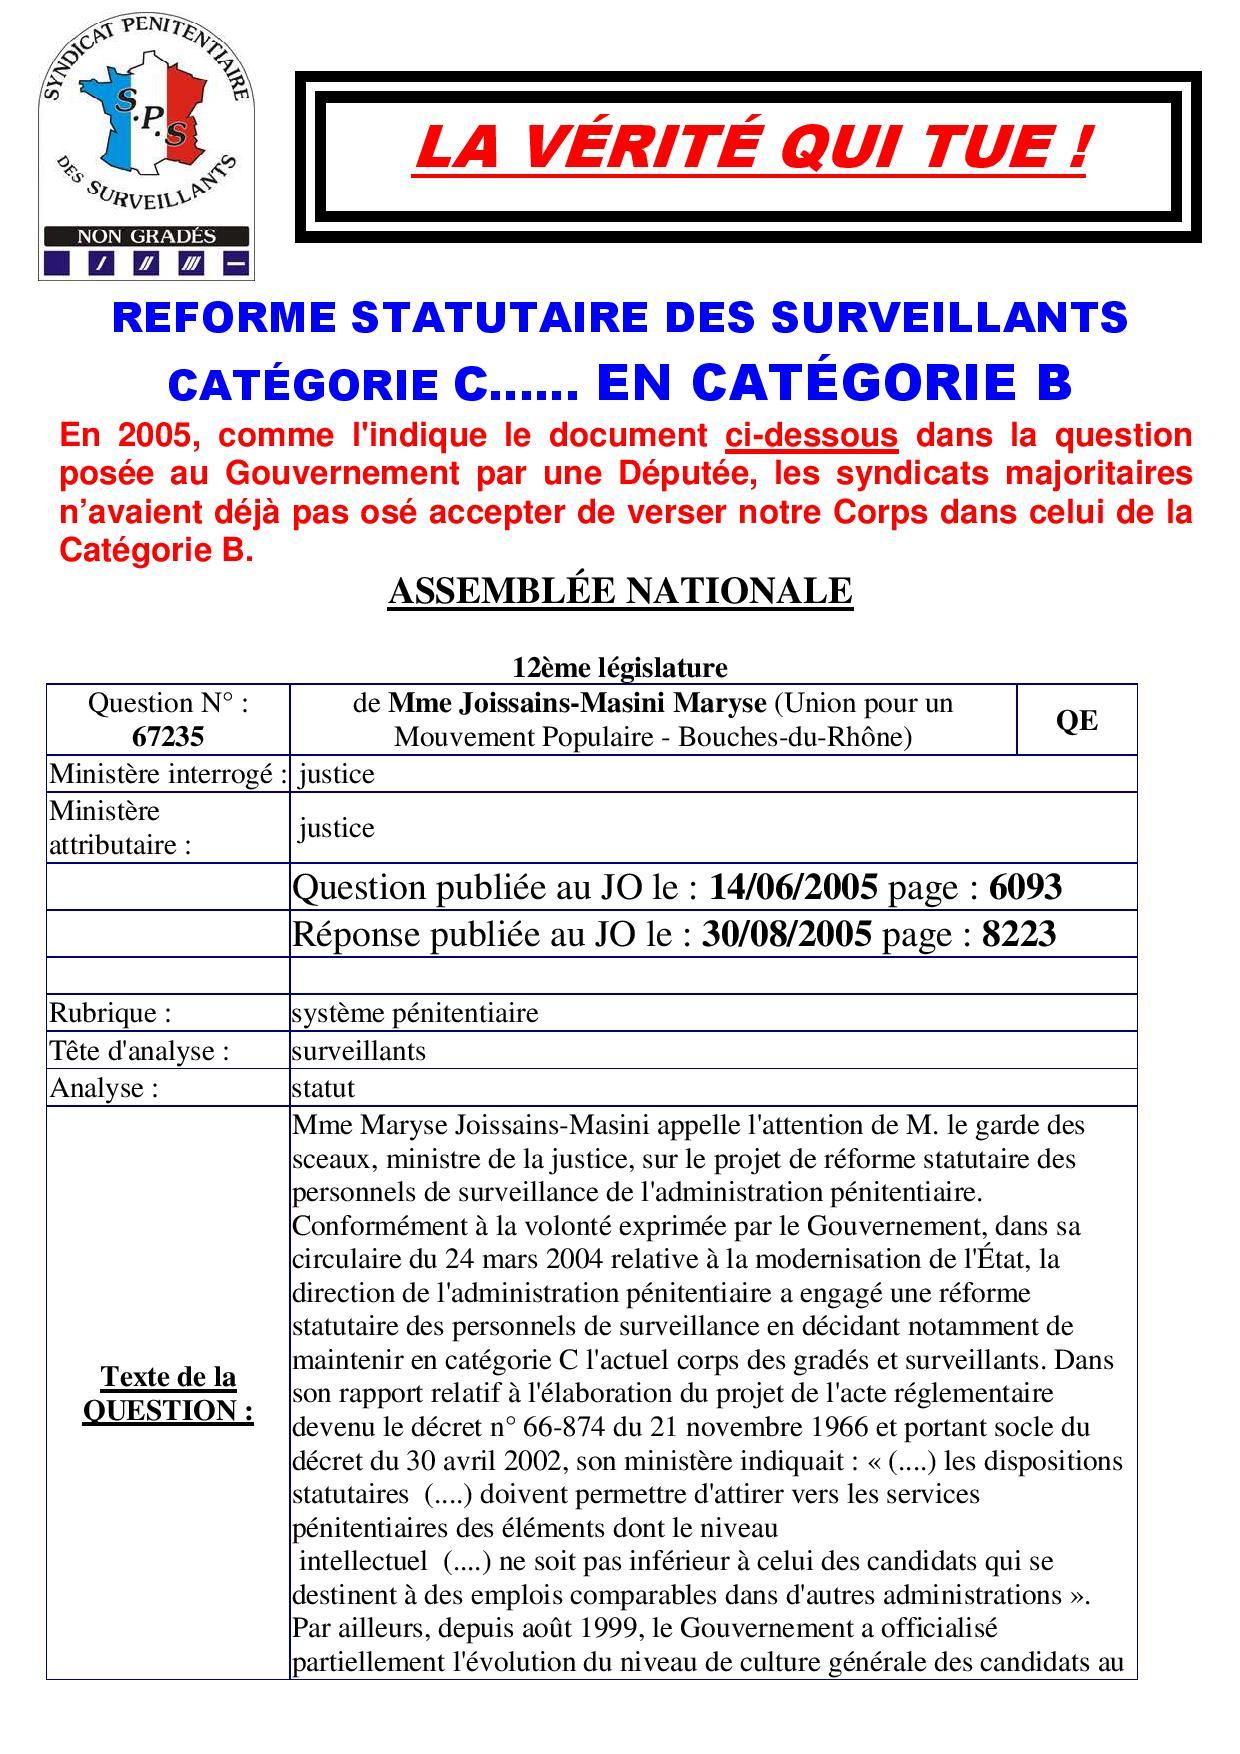 Re forme statutaire des surveillants en cat b 1 page 001